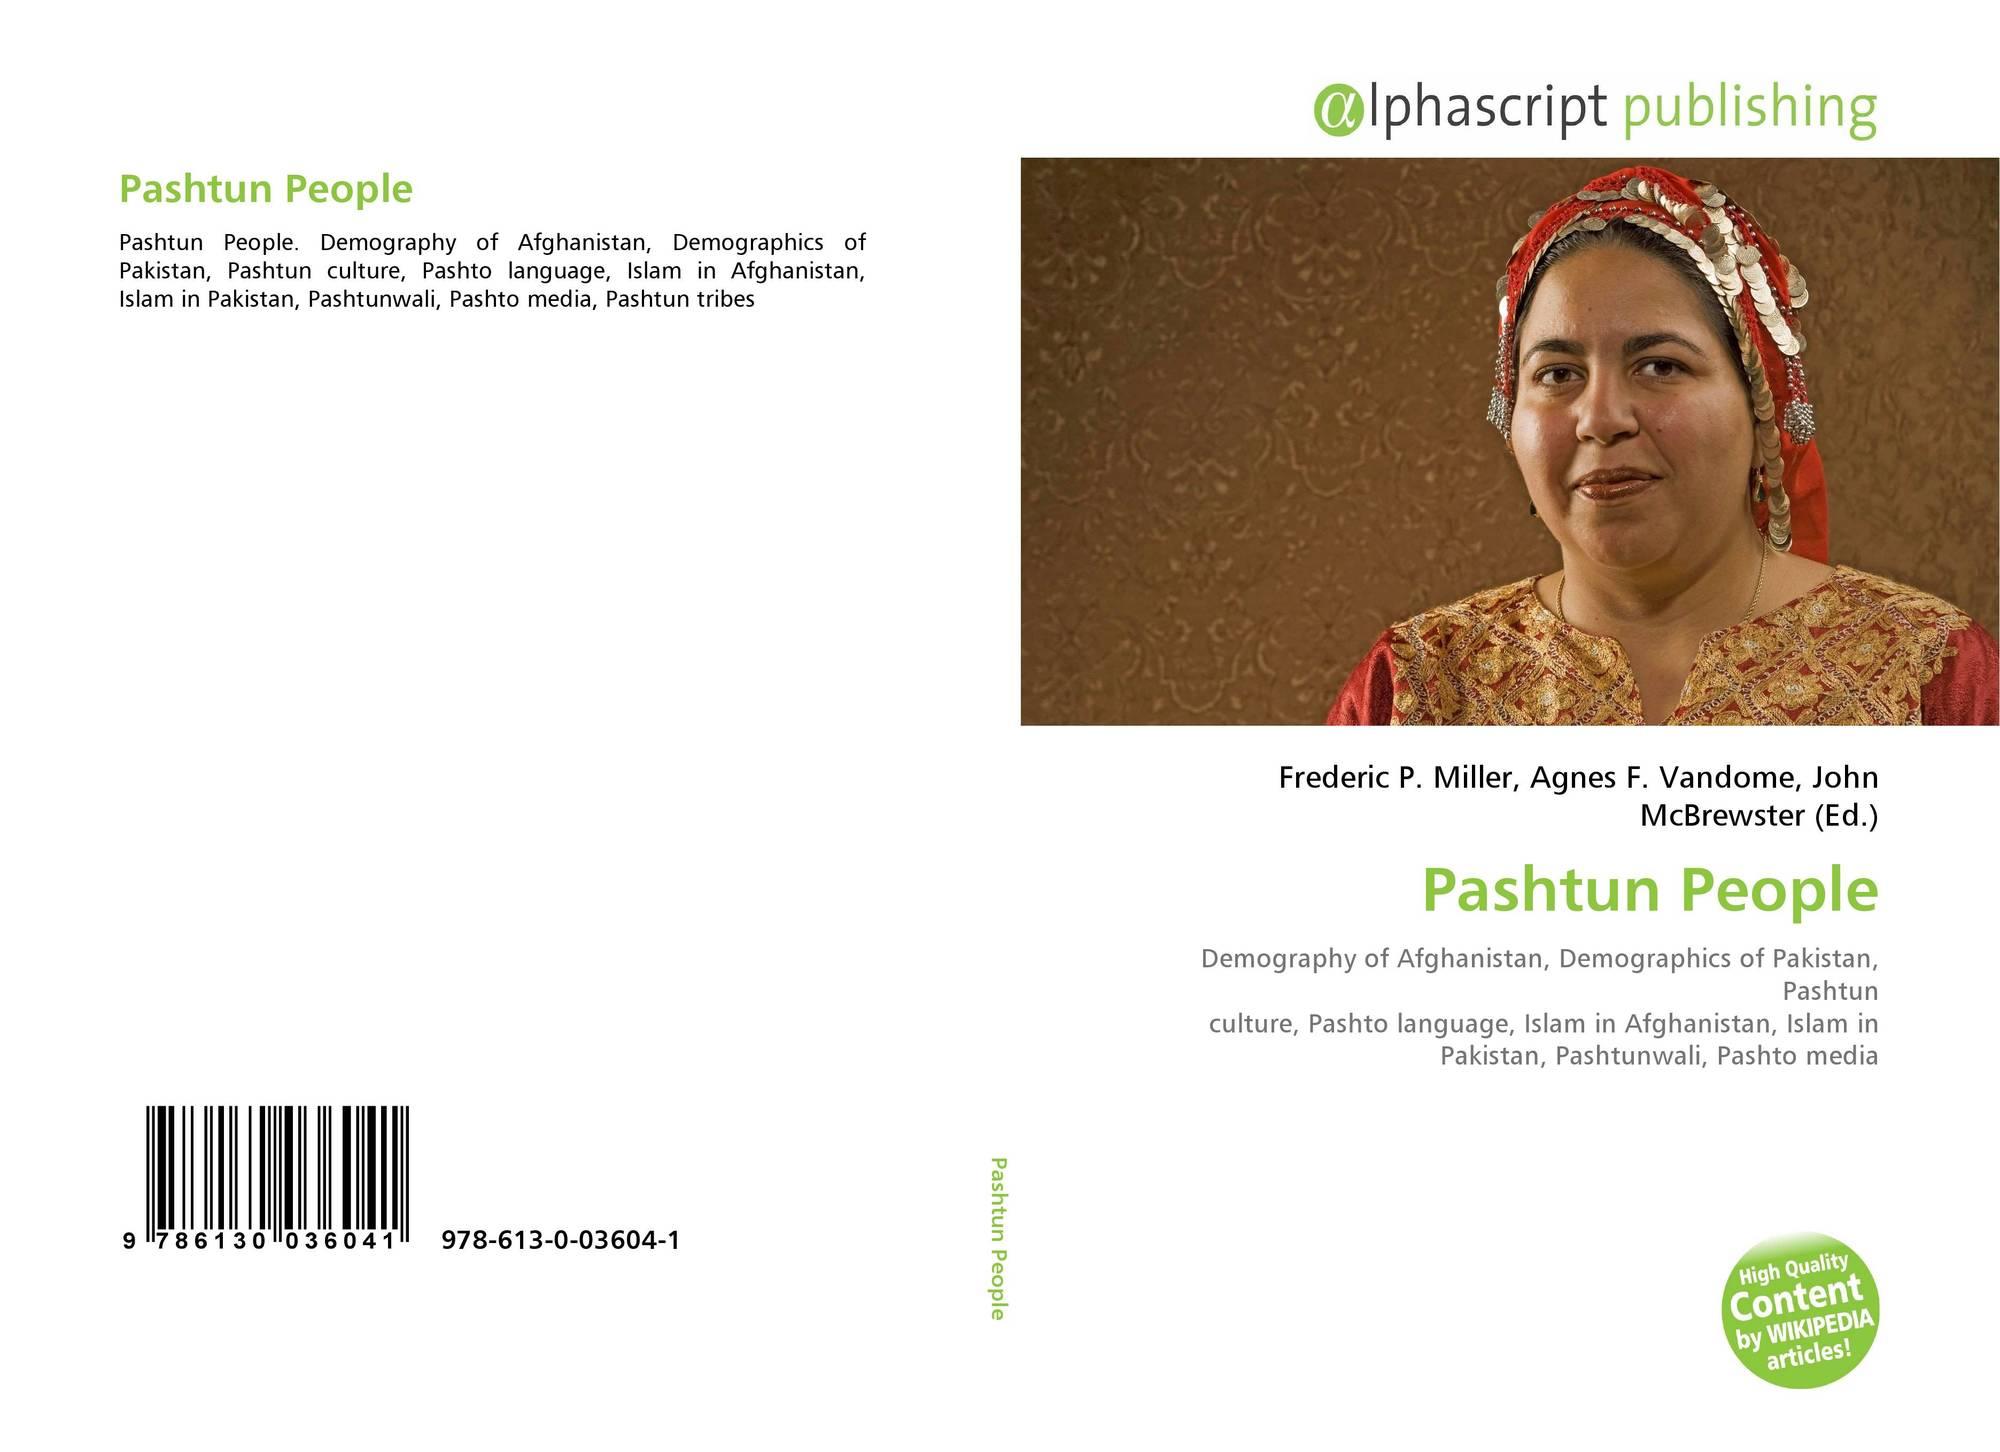 Pashtun People, 978-613-0-03604-1, 6130036043 ,9786130036041